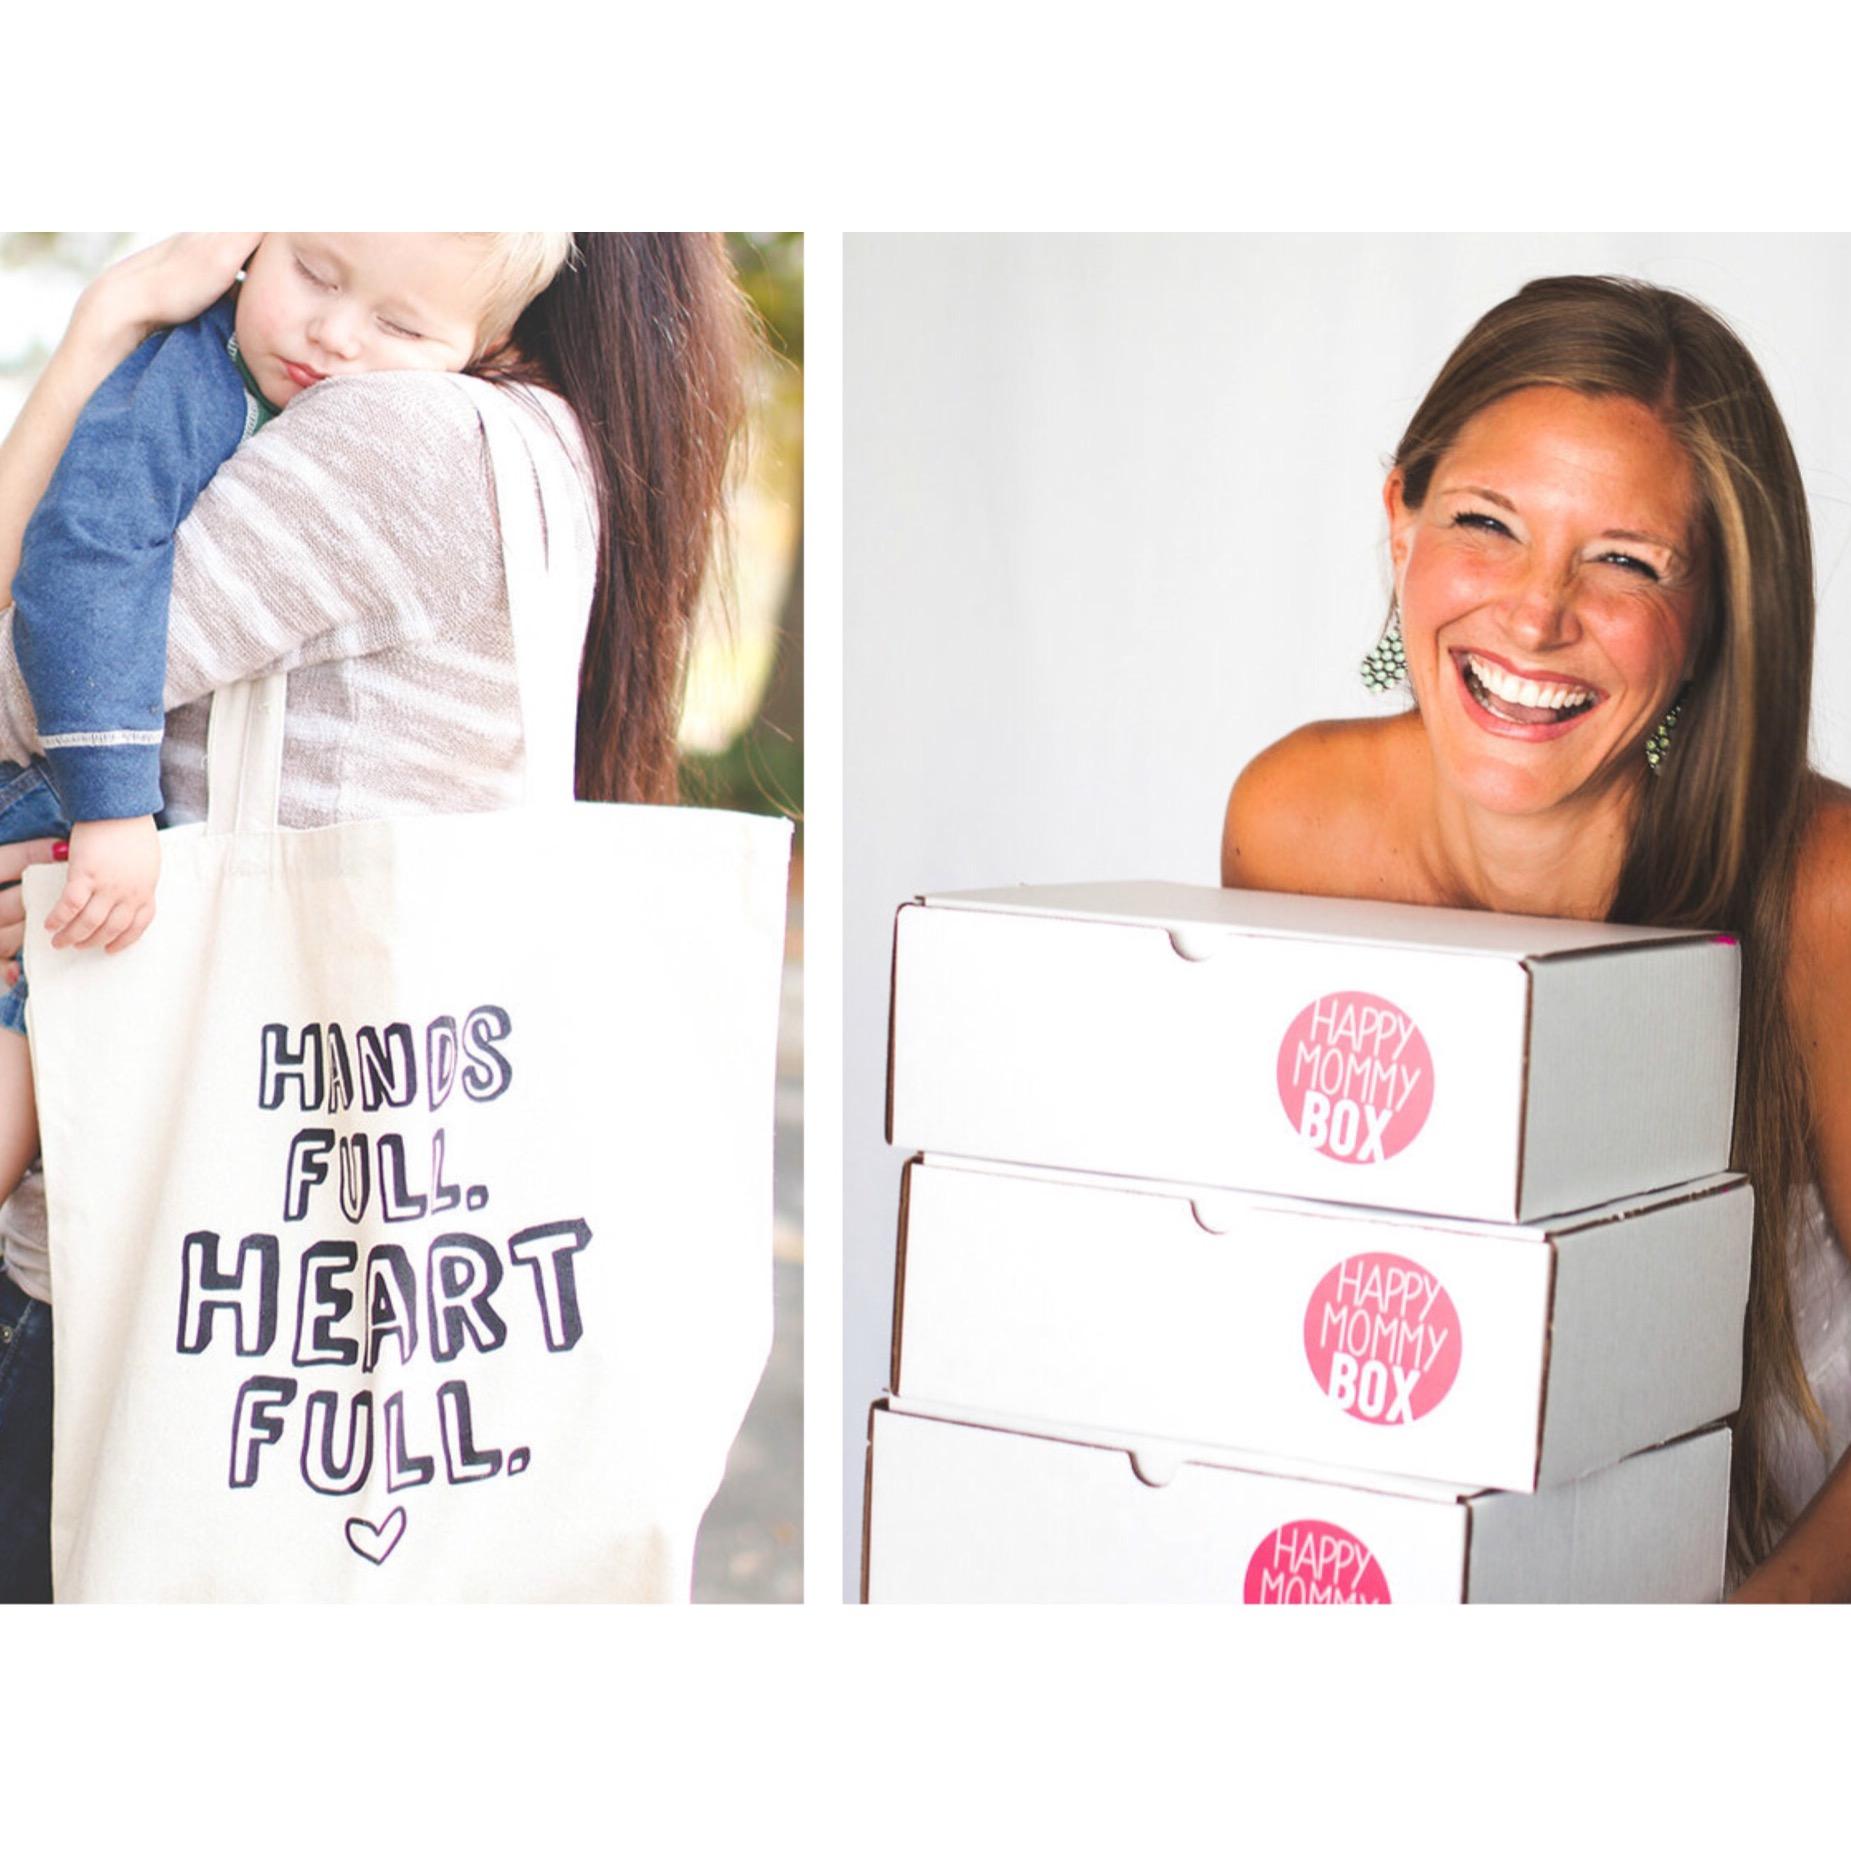 4 - Happy Mommy Box.JPG